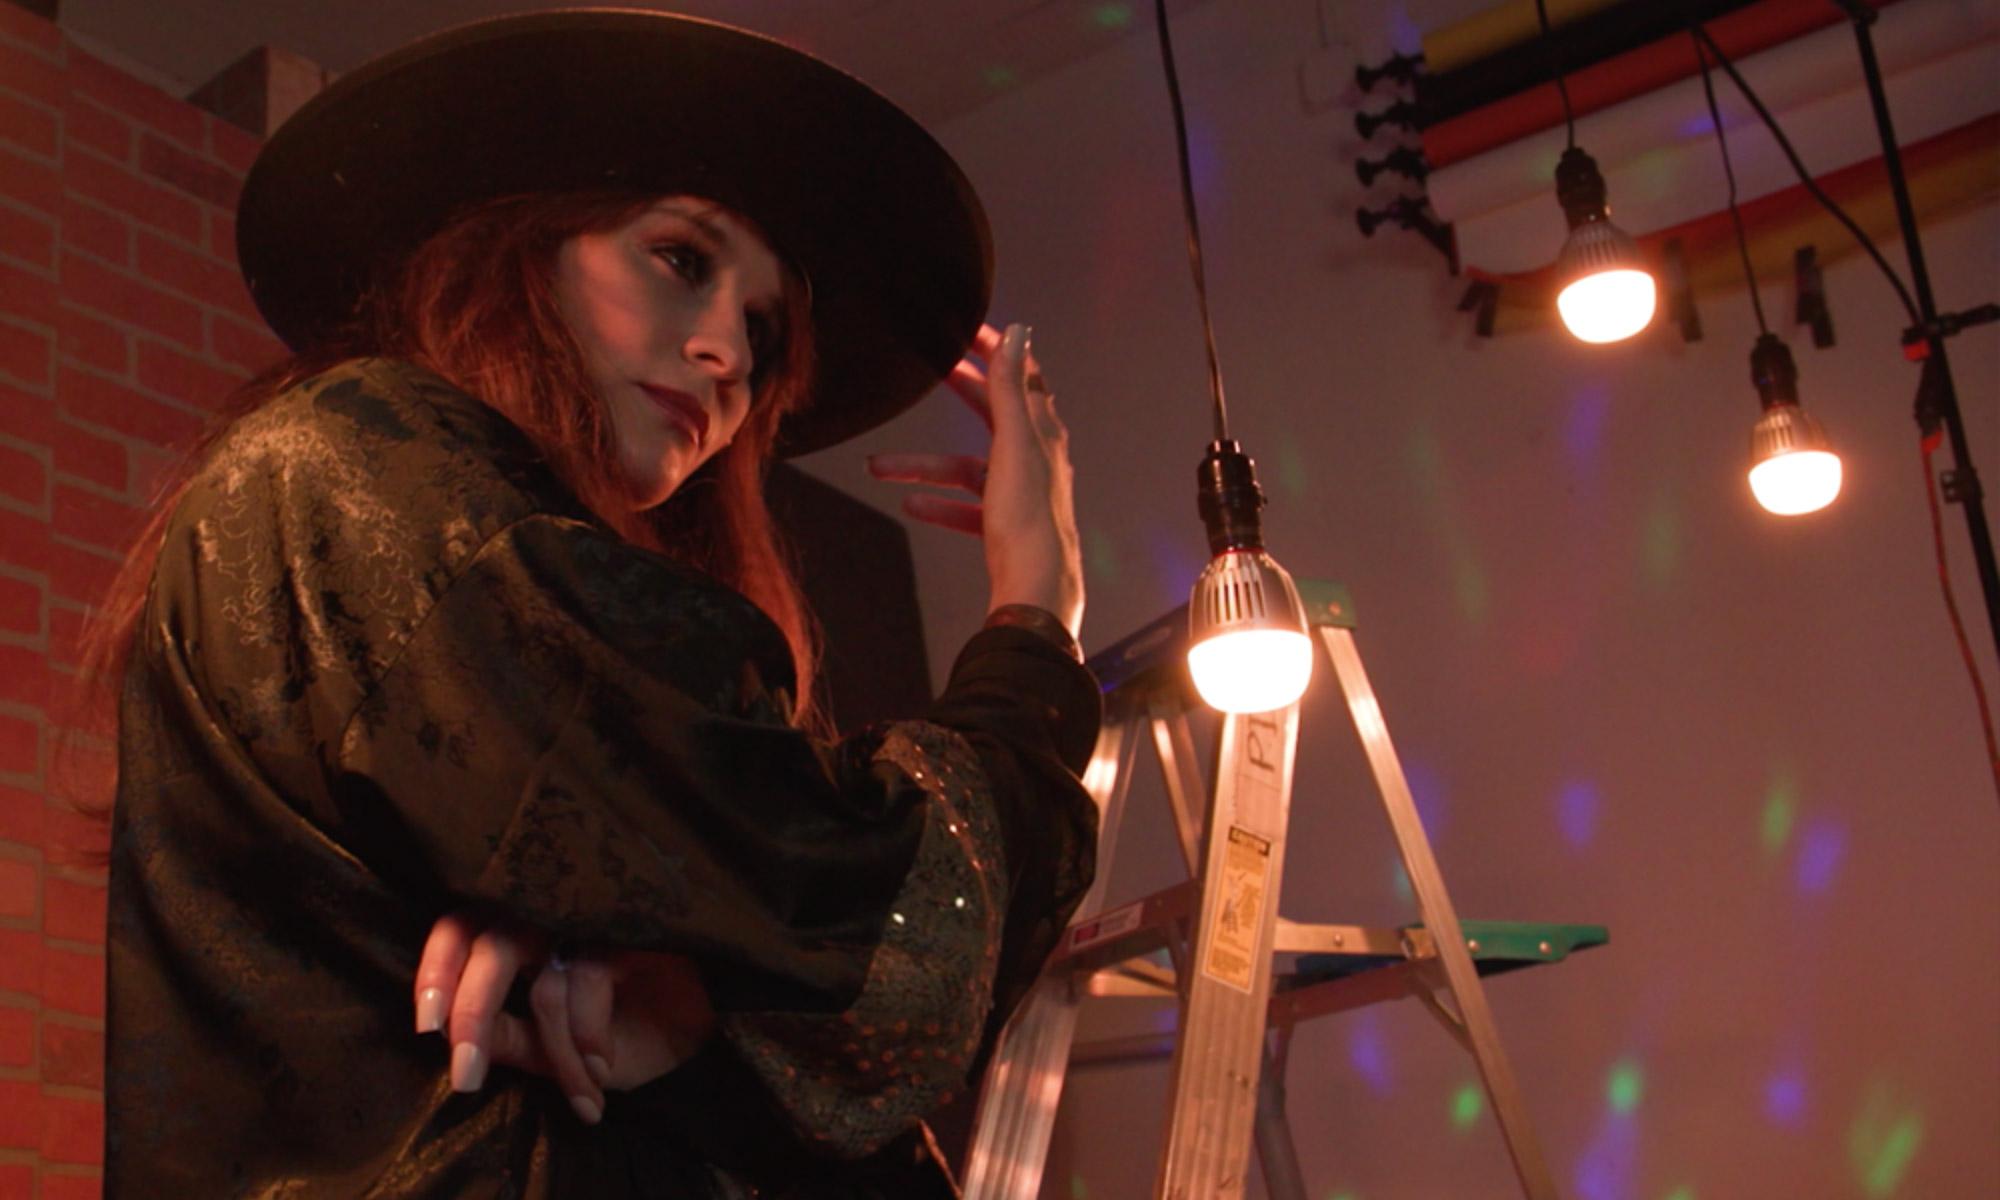 Aktorka na planie filmowym w tle żarówki LED Aputure Accent B7c